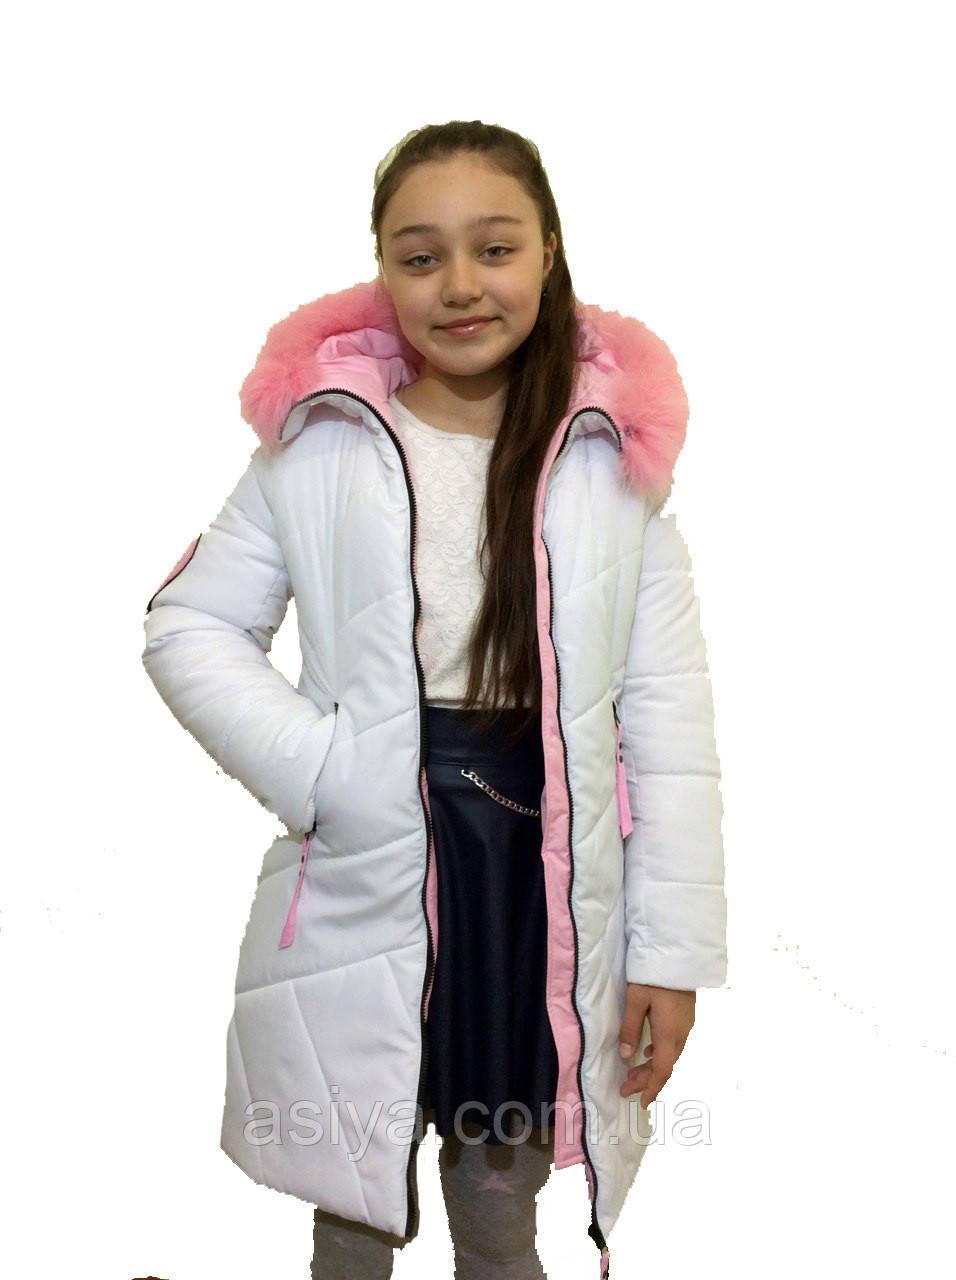 """Модне зимове пальто для дівчинки """"Електра"""" білого кольору оптом і в роздріб"""